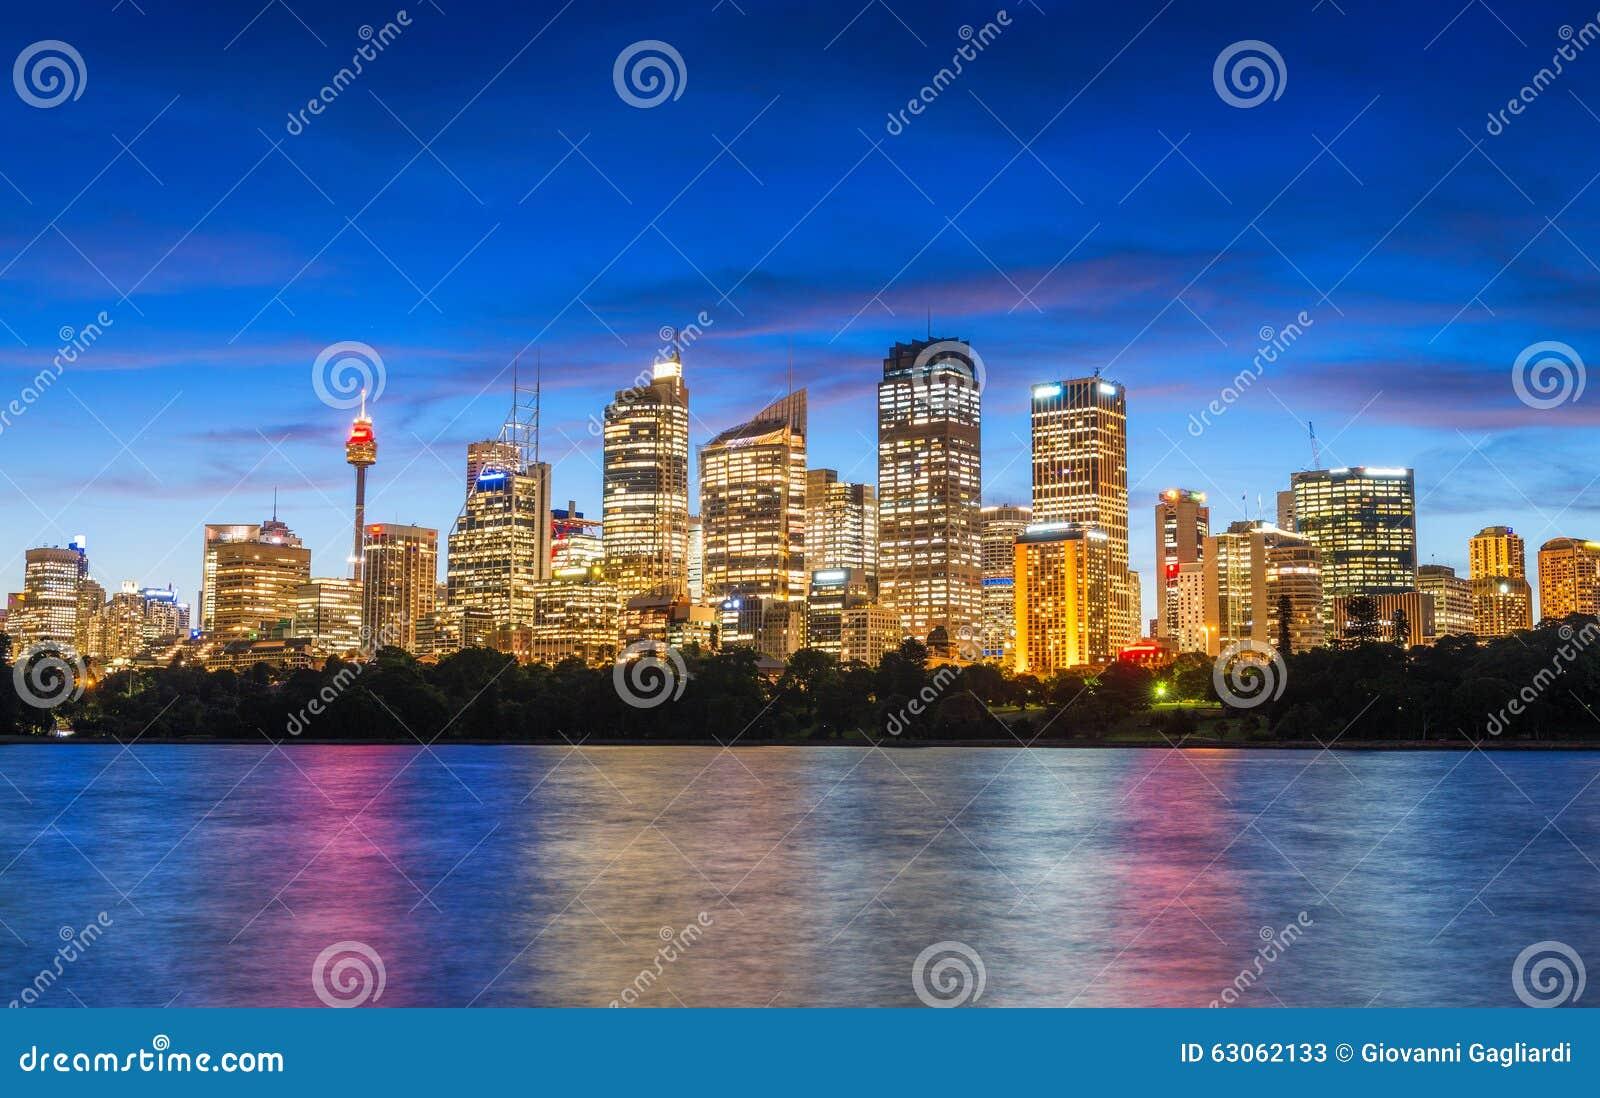 悉尼,澳大利亚美妙的夜地平线